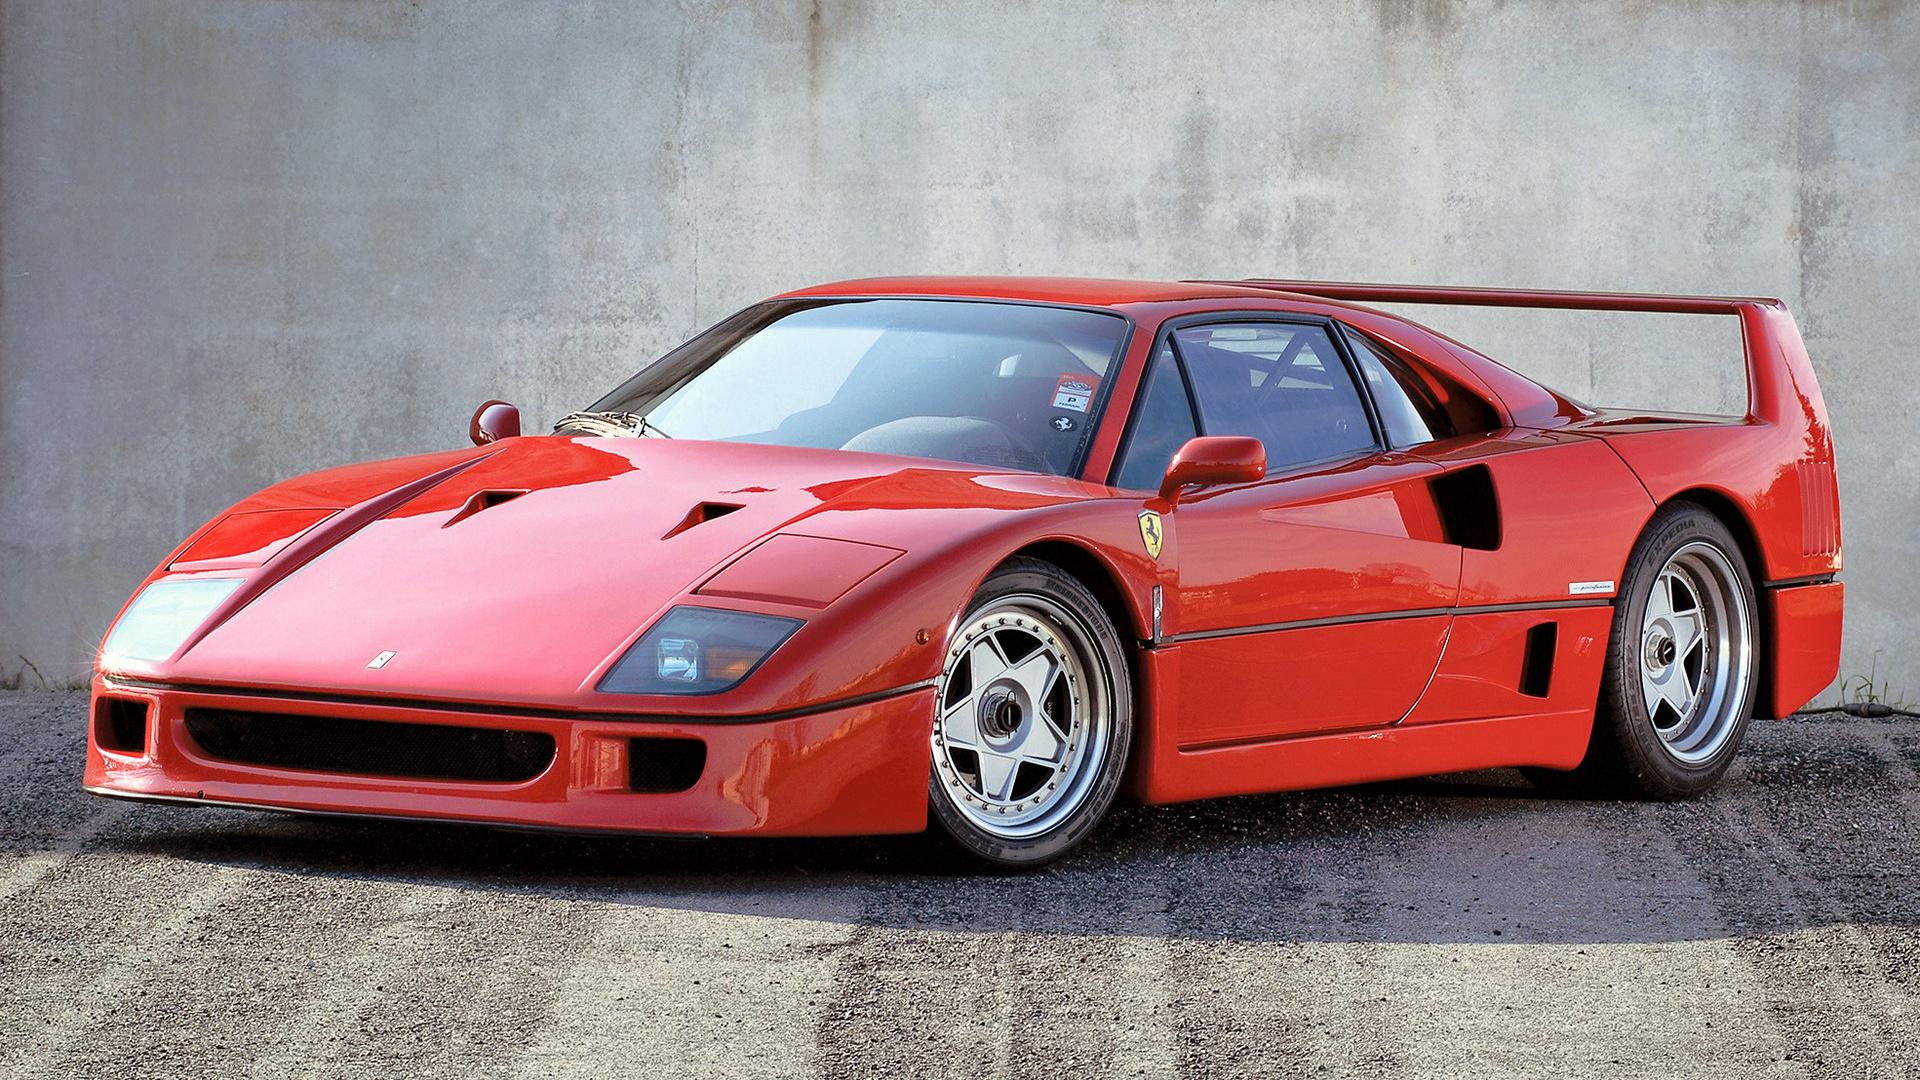 1989 Ferrari F40 Valeo Wallpapers And Hd Images Car Pixel